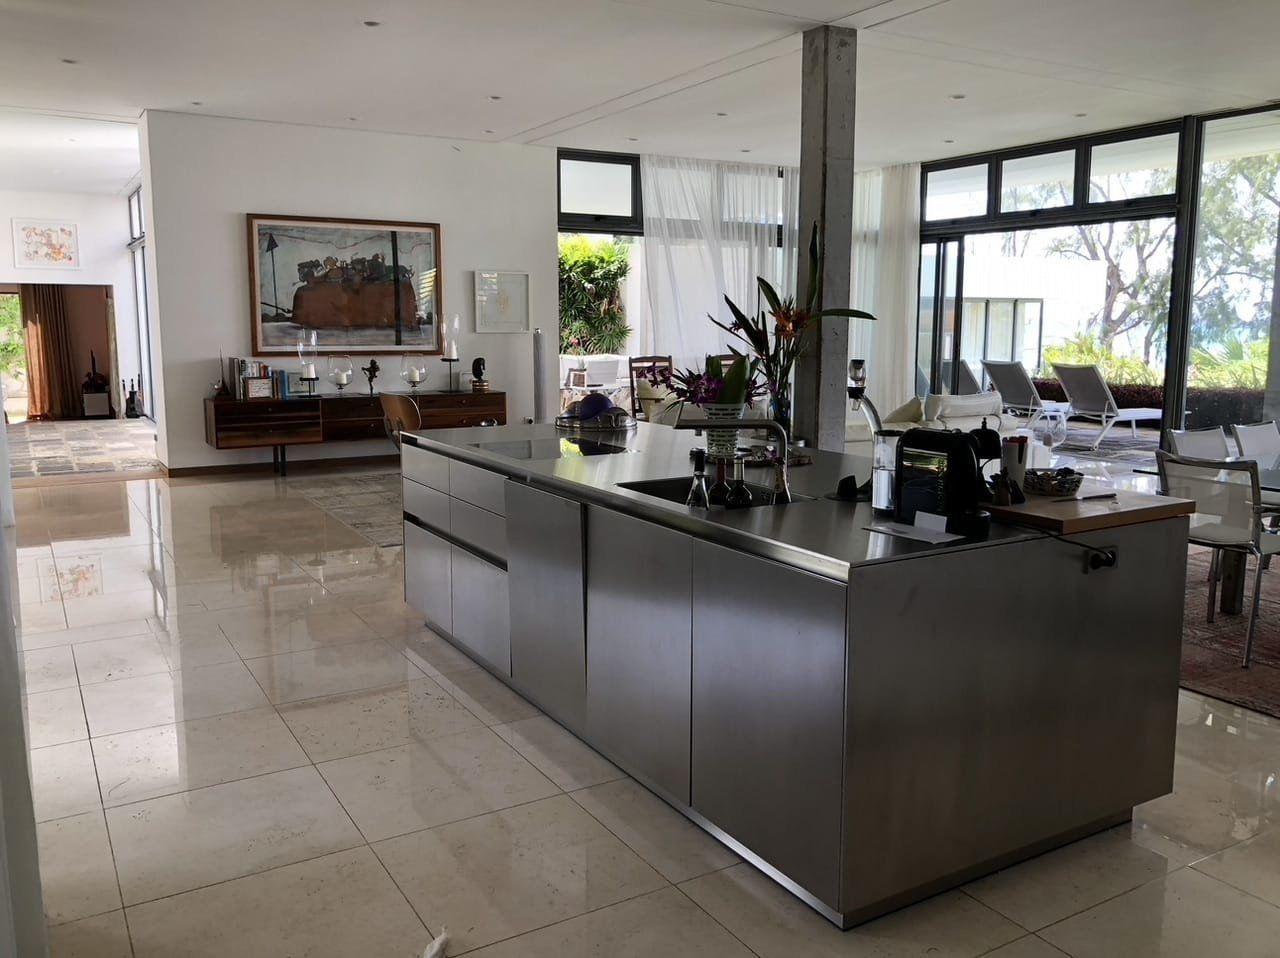 Maison à vendre 5 3657.57m2 à Ile Maurice vignette-15